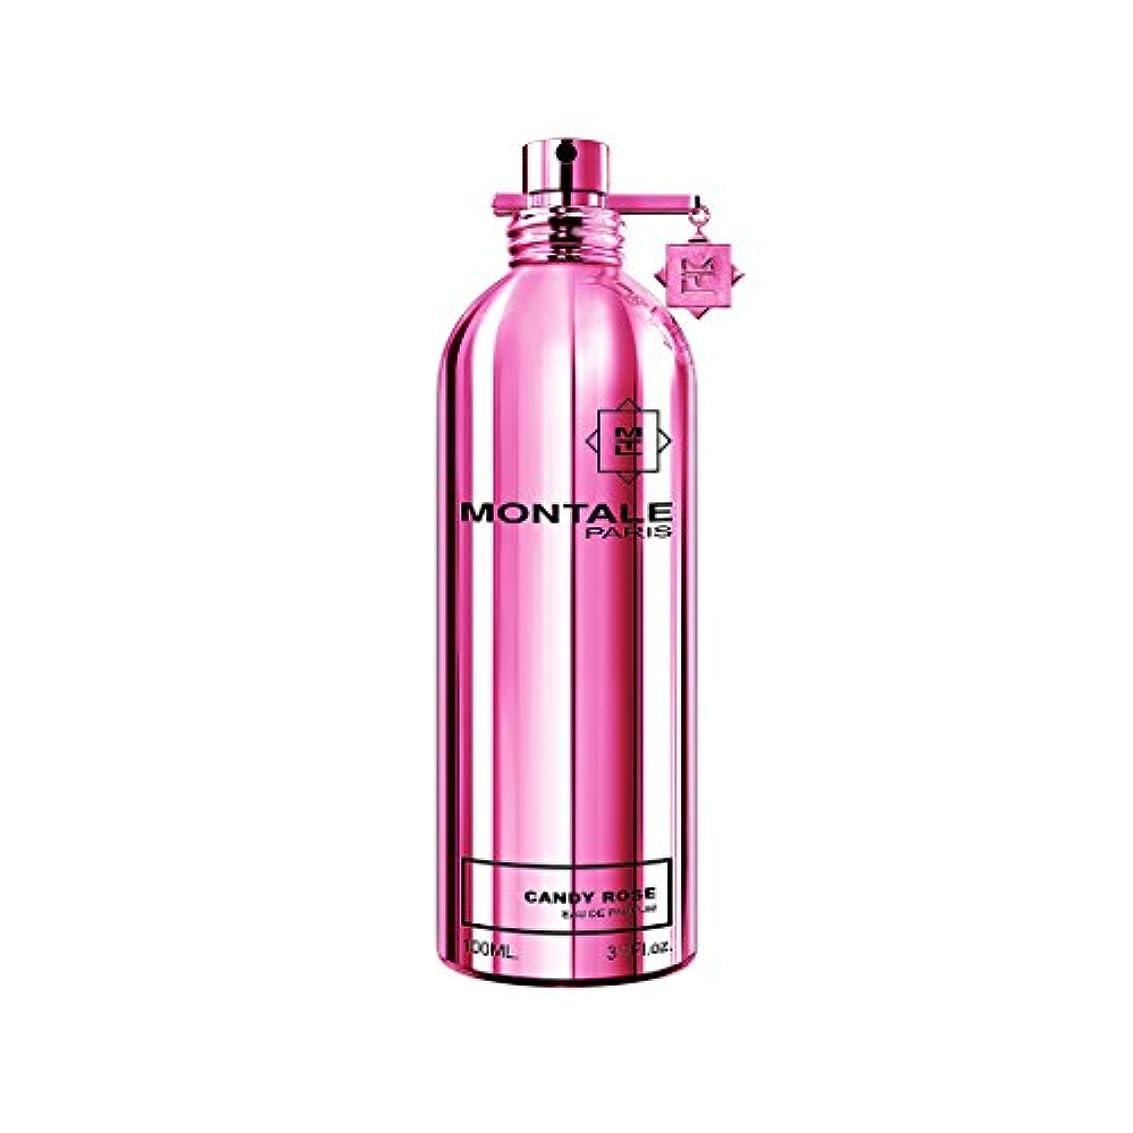 楽しむブームサークルMontale Candy Rose by Montale Eau De Parfum Spray 3.4 oz / 100 ml (Women)